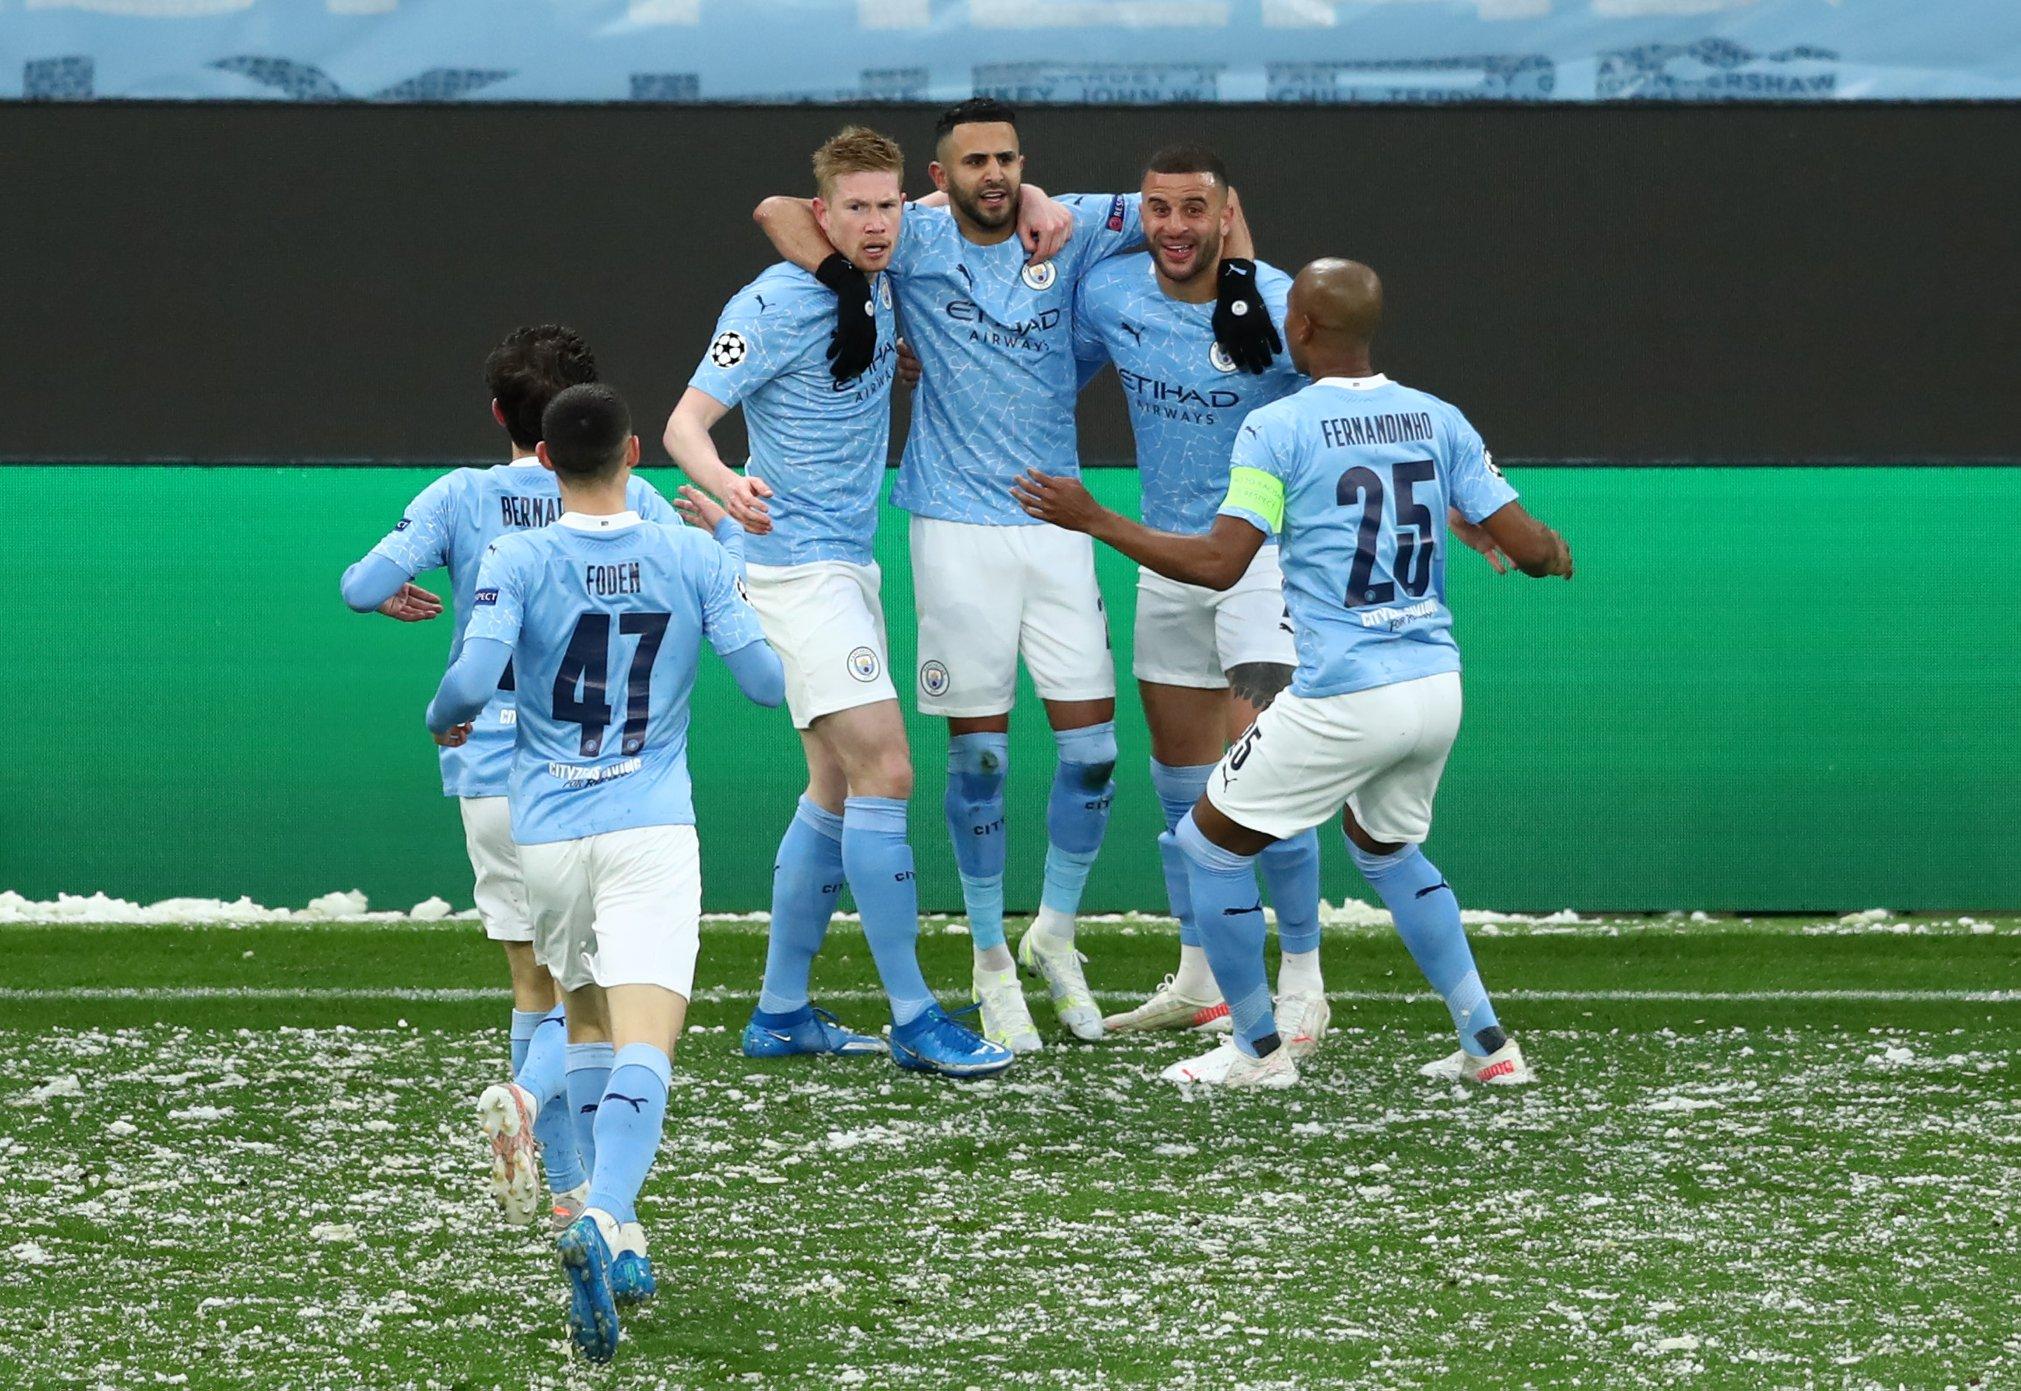 عصبة أبطال أوروبا: مانشستر سيتي الى النهائي الأول في تاريخه بفضل ثنائية محرز